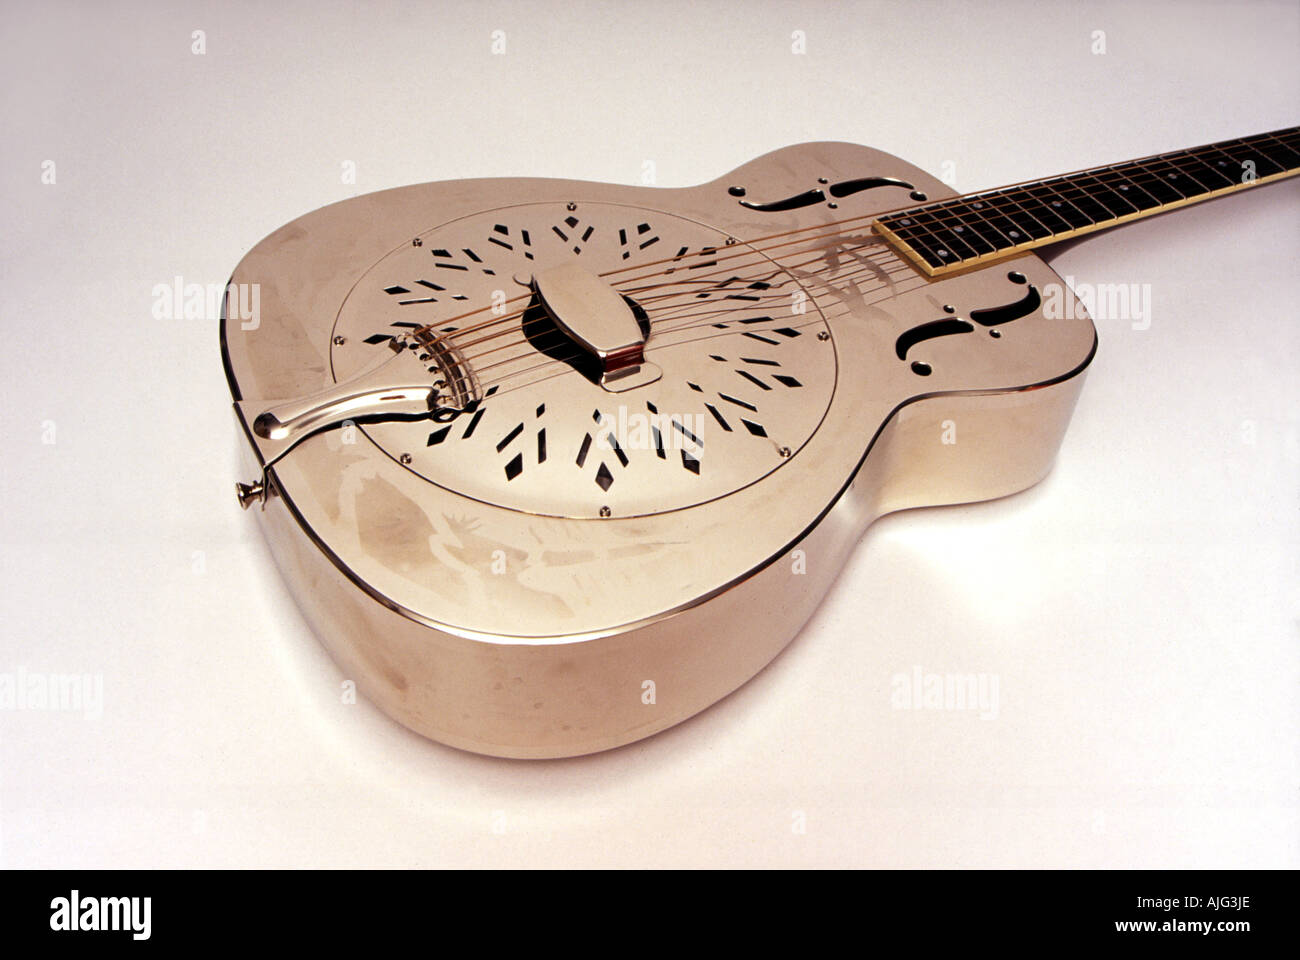 A mediados de 1930 la guitarra estilo resonador o modelo similar al desempeñado por Mark Knopfler Imagen De Stock